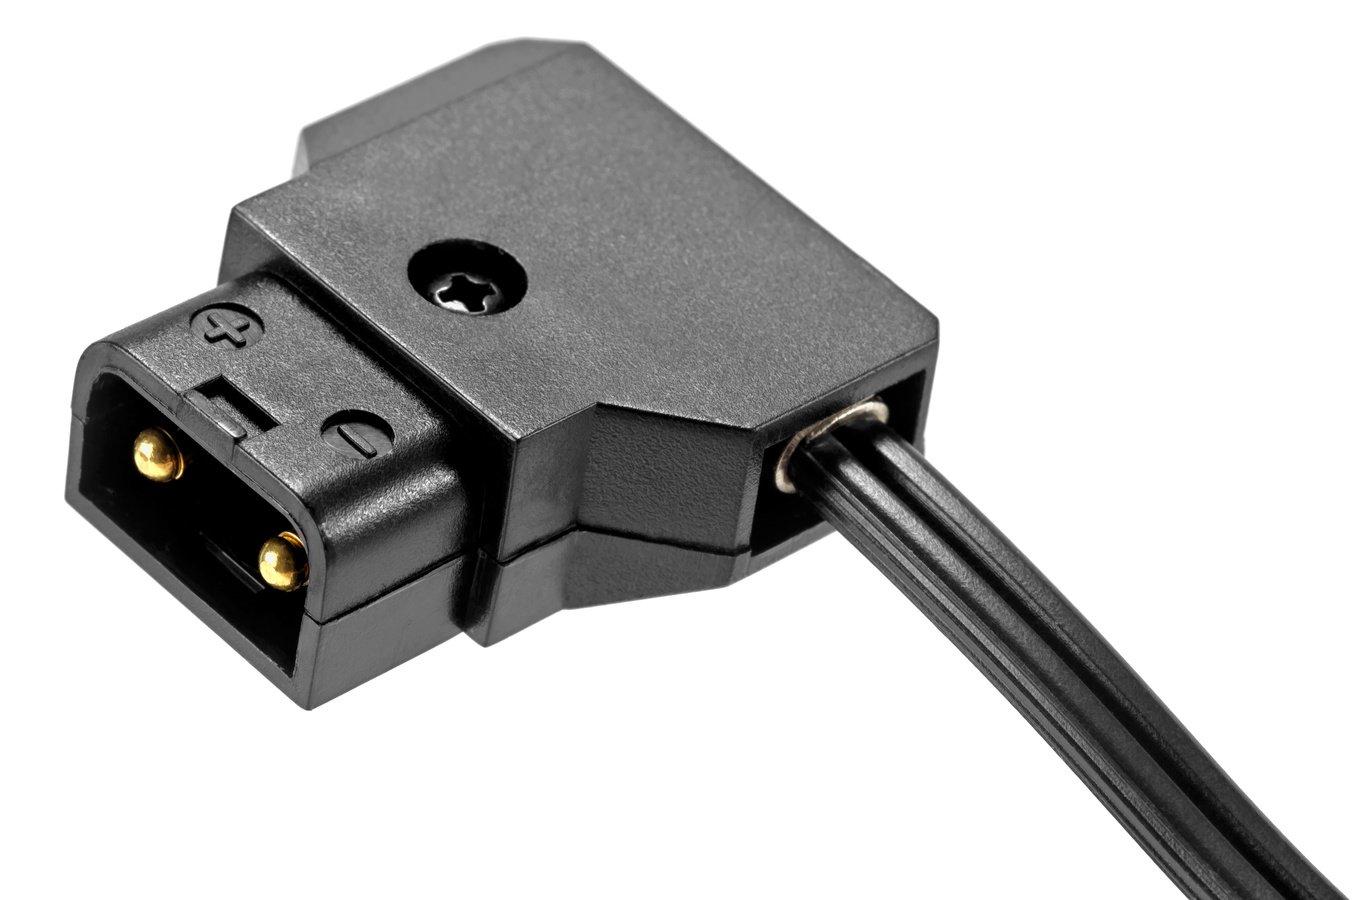 Anschluss am Akku erfolgt über D-Tap Stecker.